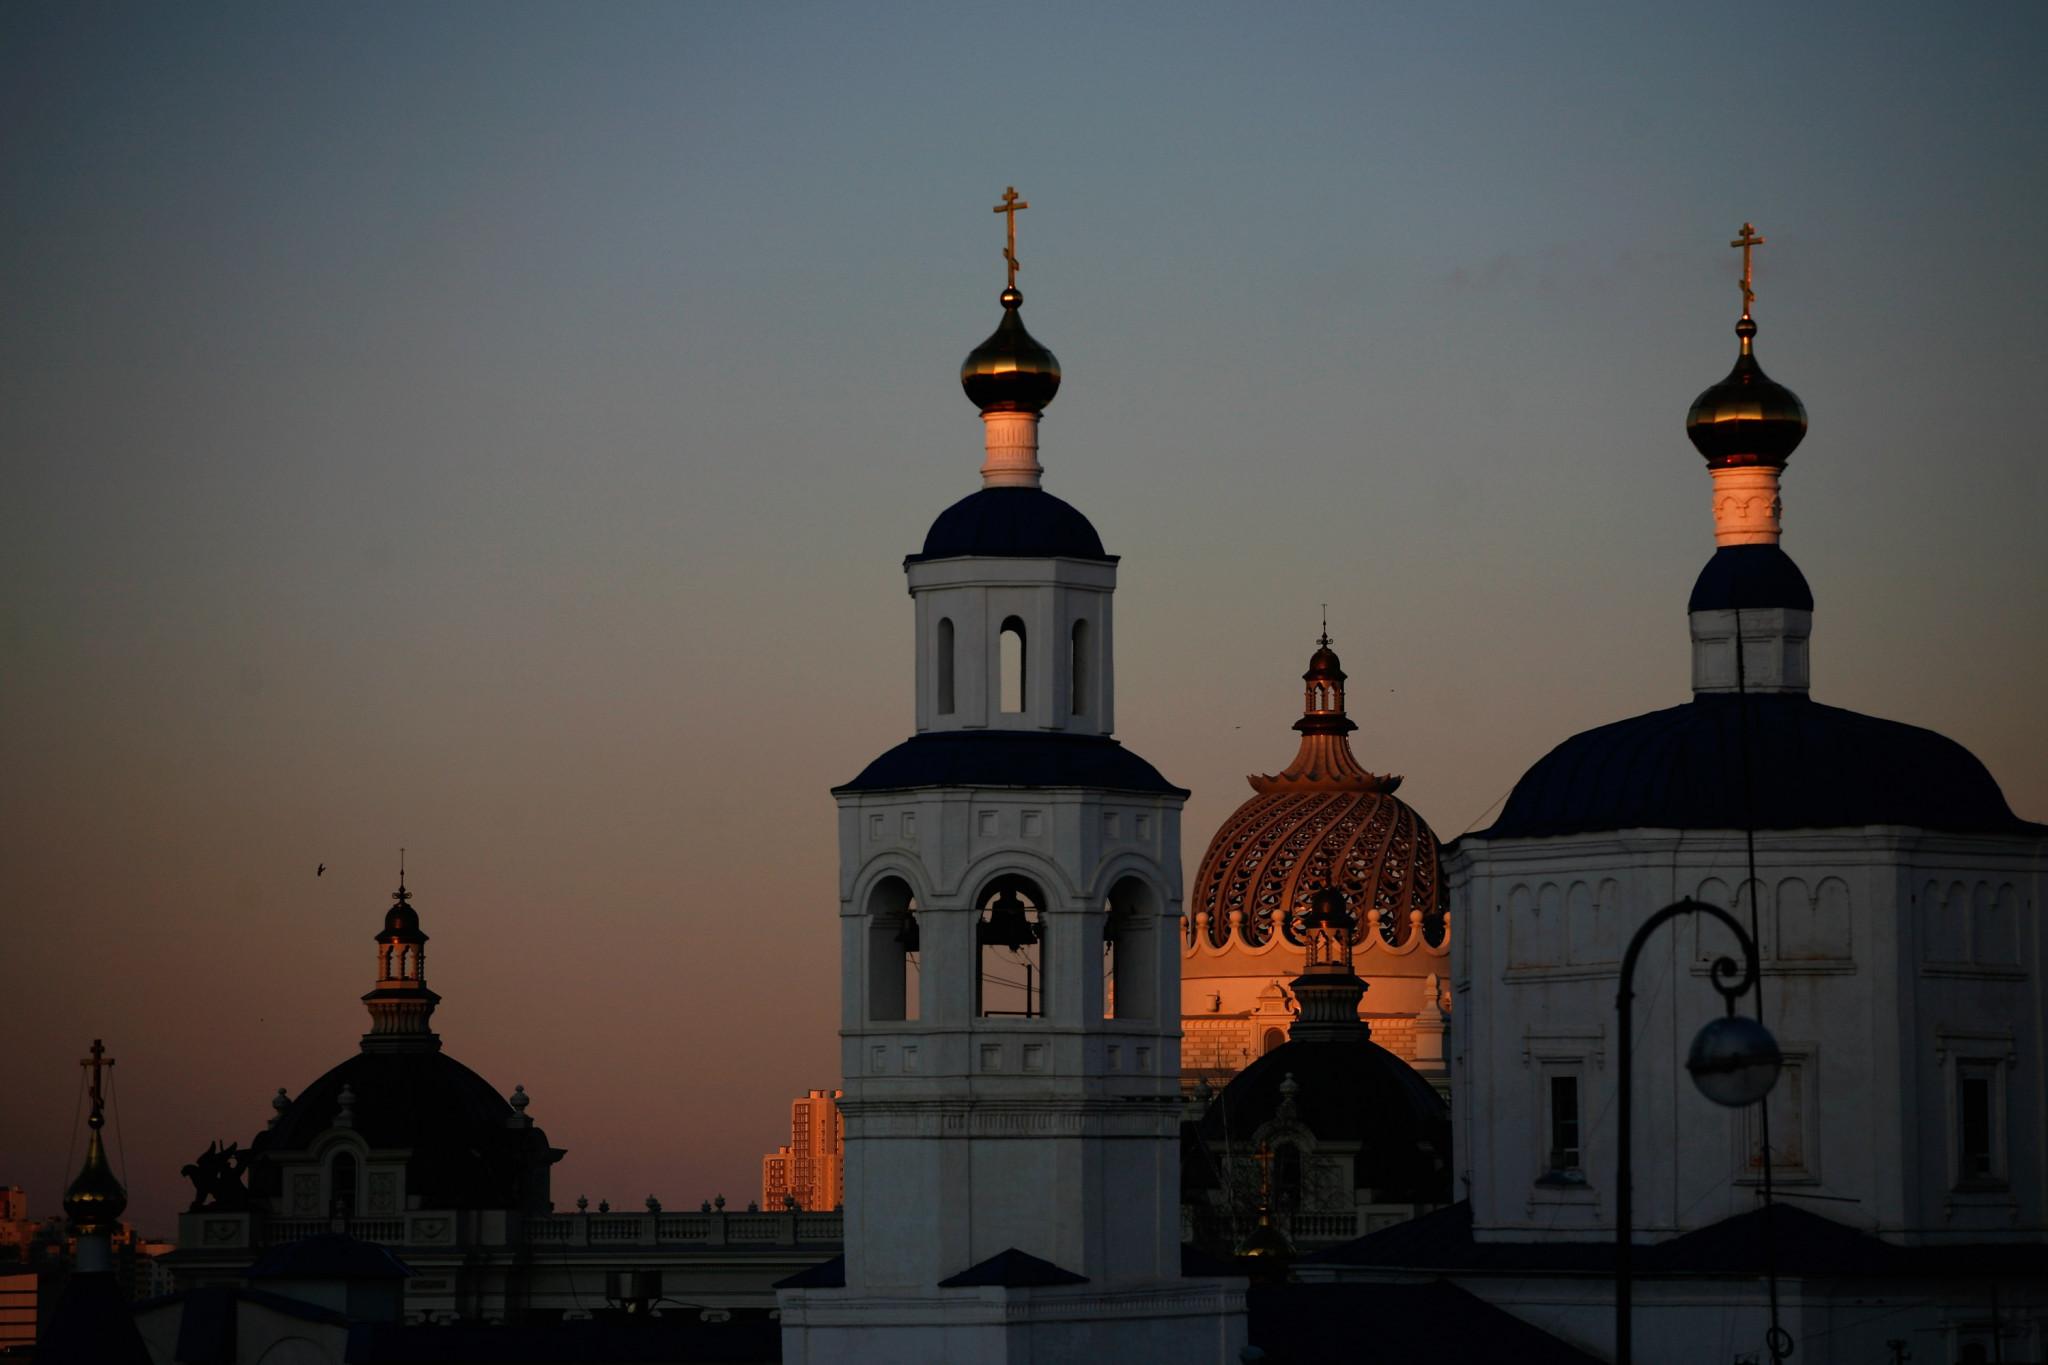 Казань - пятый по численности населения город России с населением около 1 250 000 человек © Getty Images